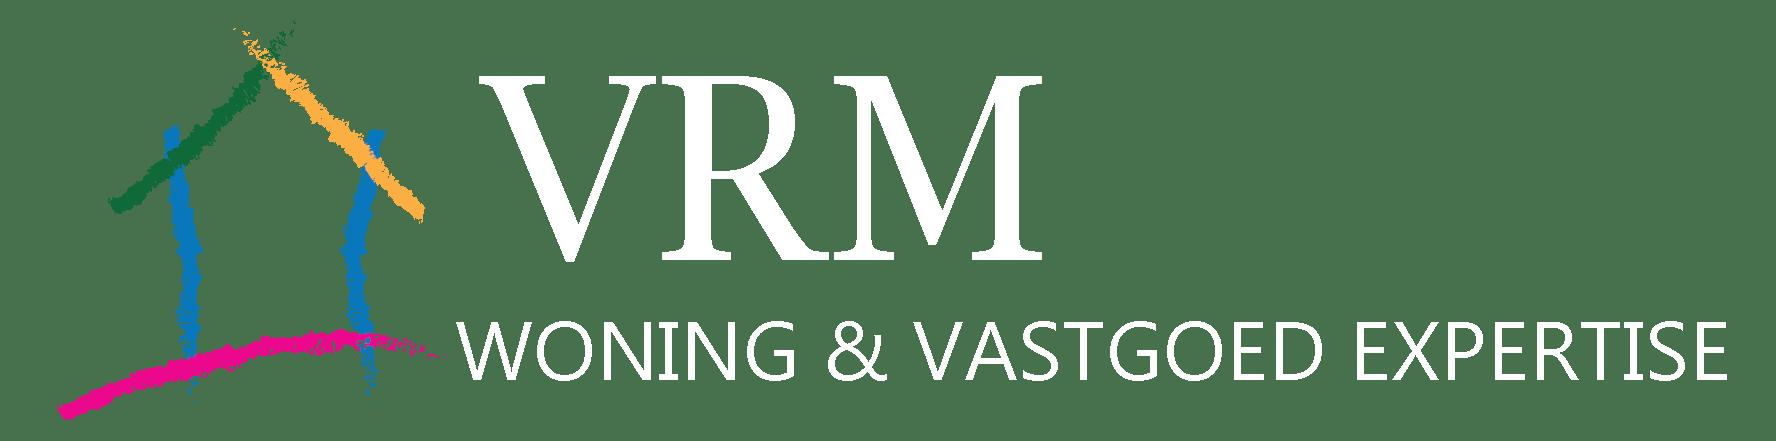 VRM Expertise Woning & vastgoed expertise